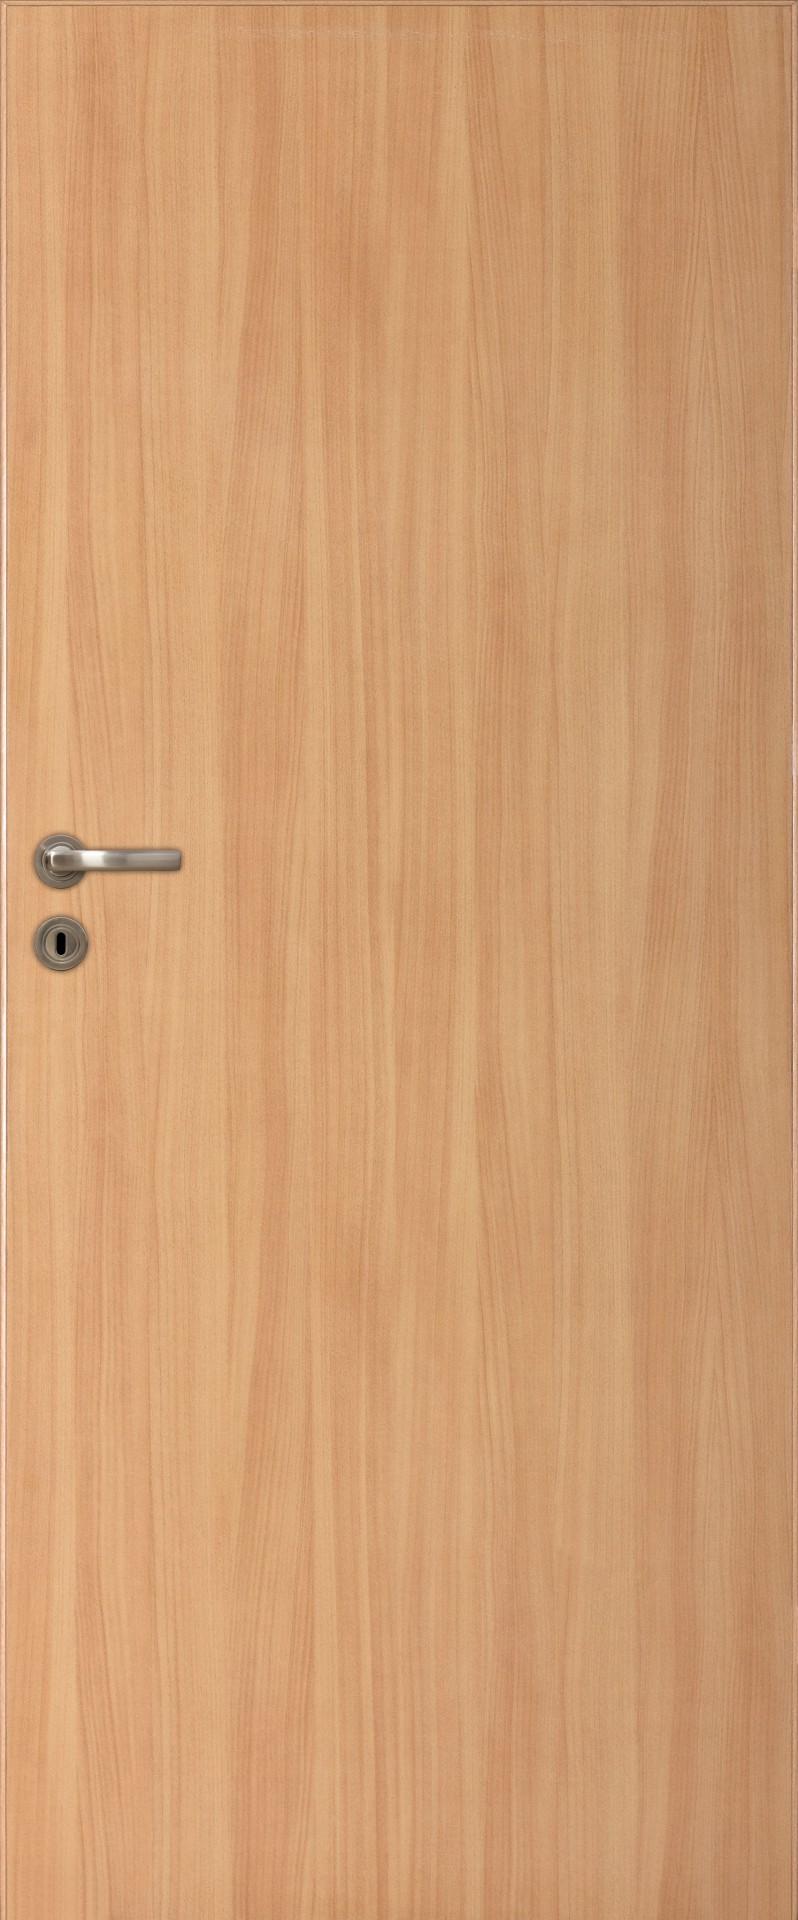 Dre dveře Lack 10, Šíře v cm 70